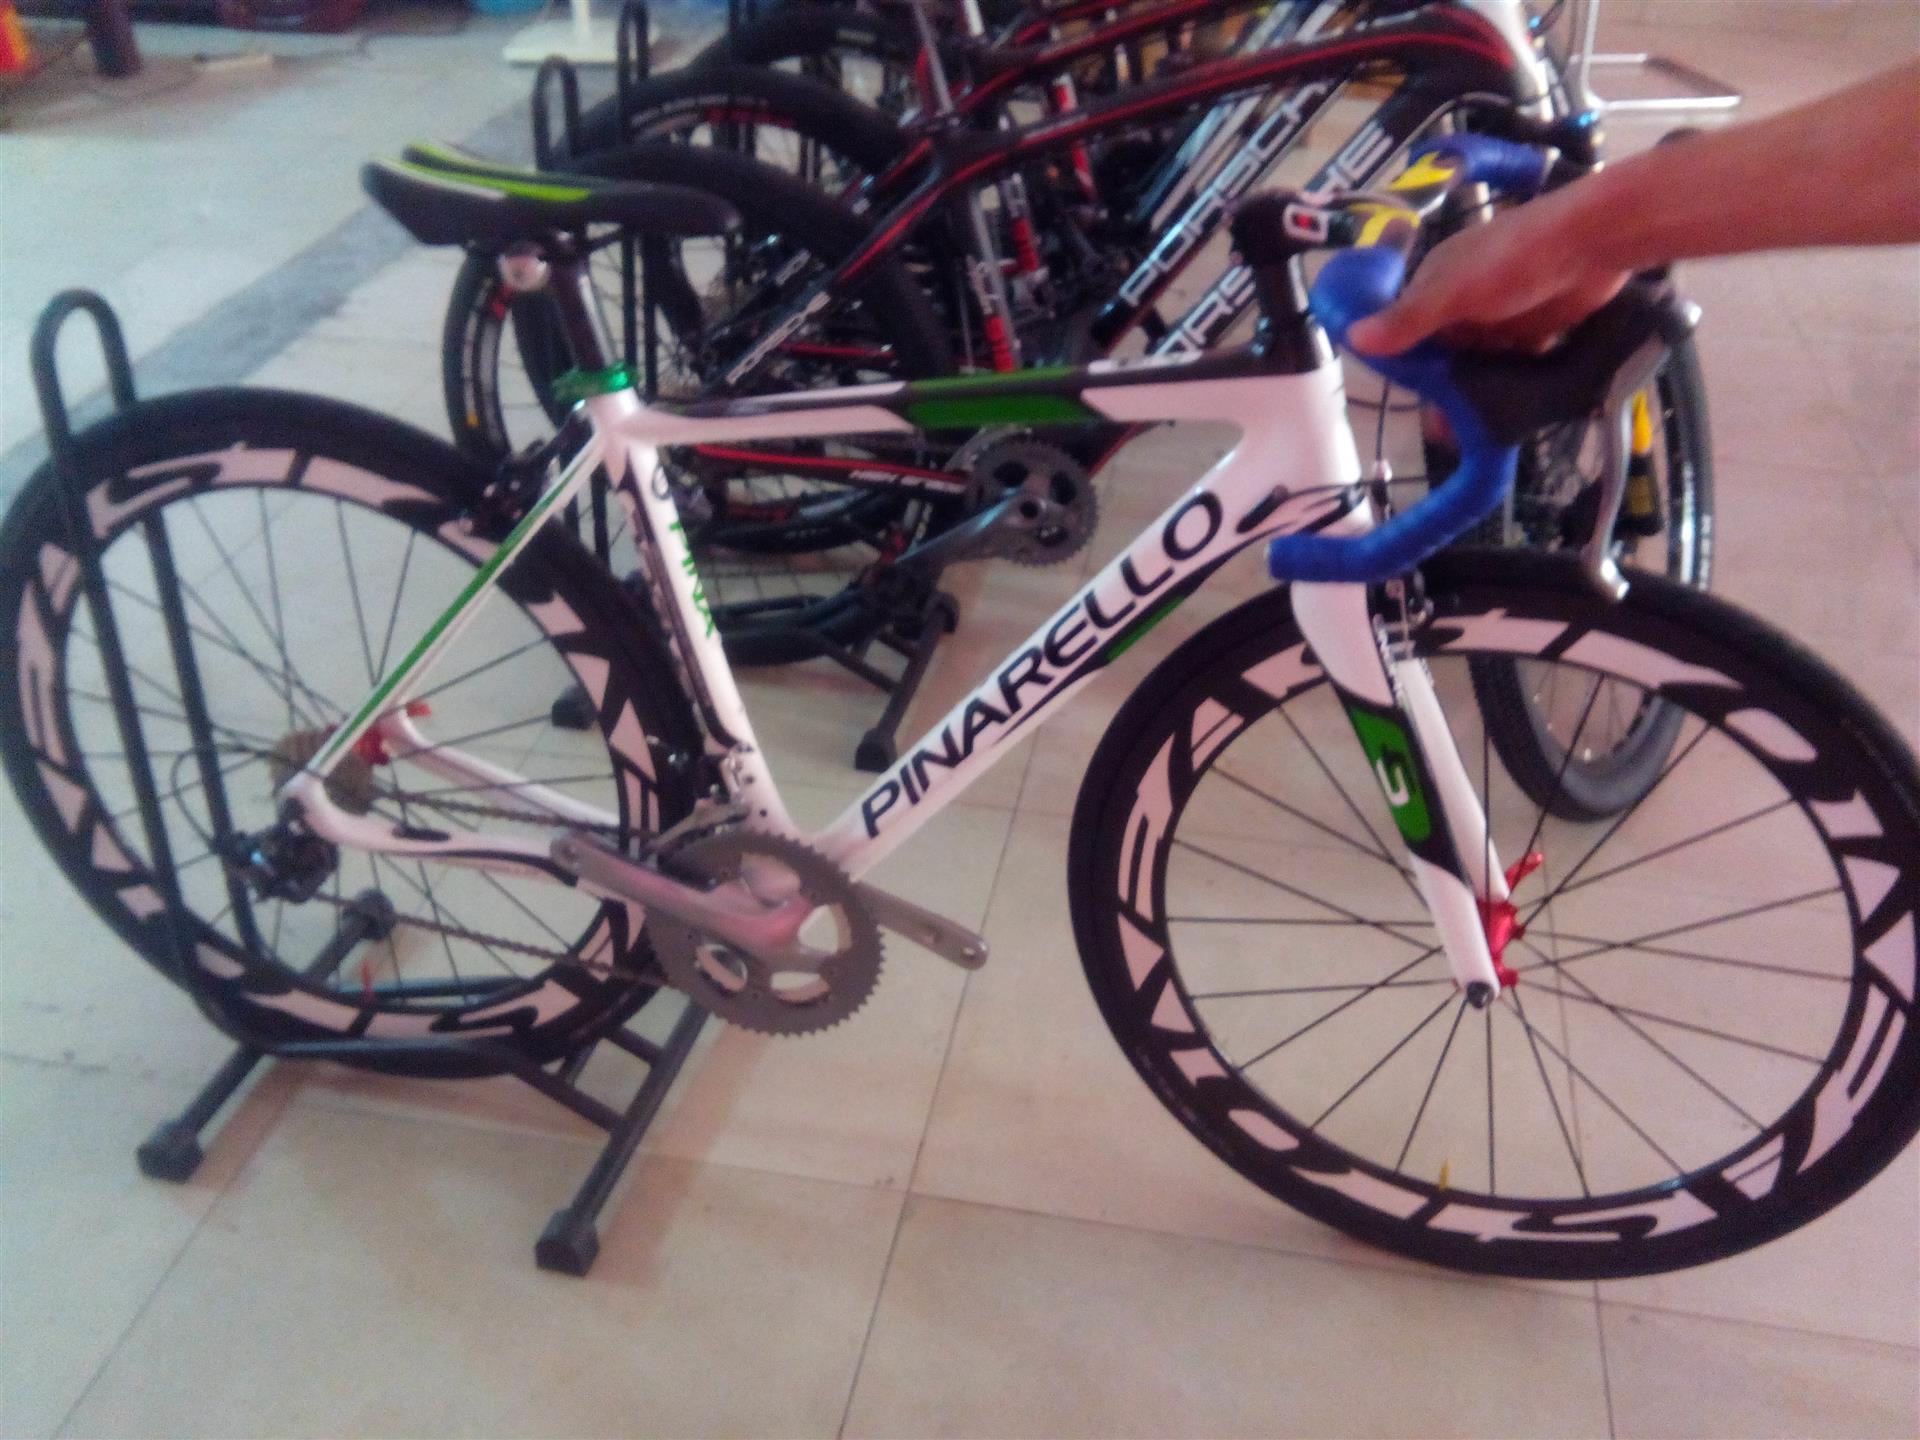 二手自行车 大批量二手自行车 26寸日本进口海员车 淑女车 阿里巴巴图片